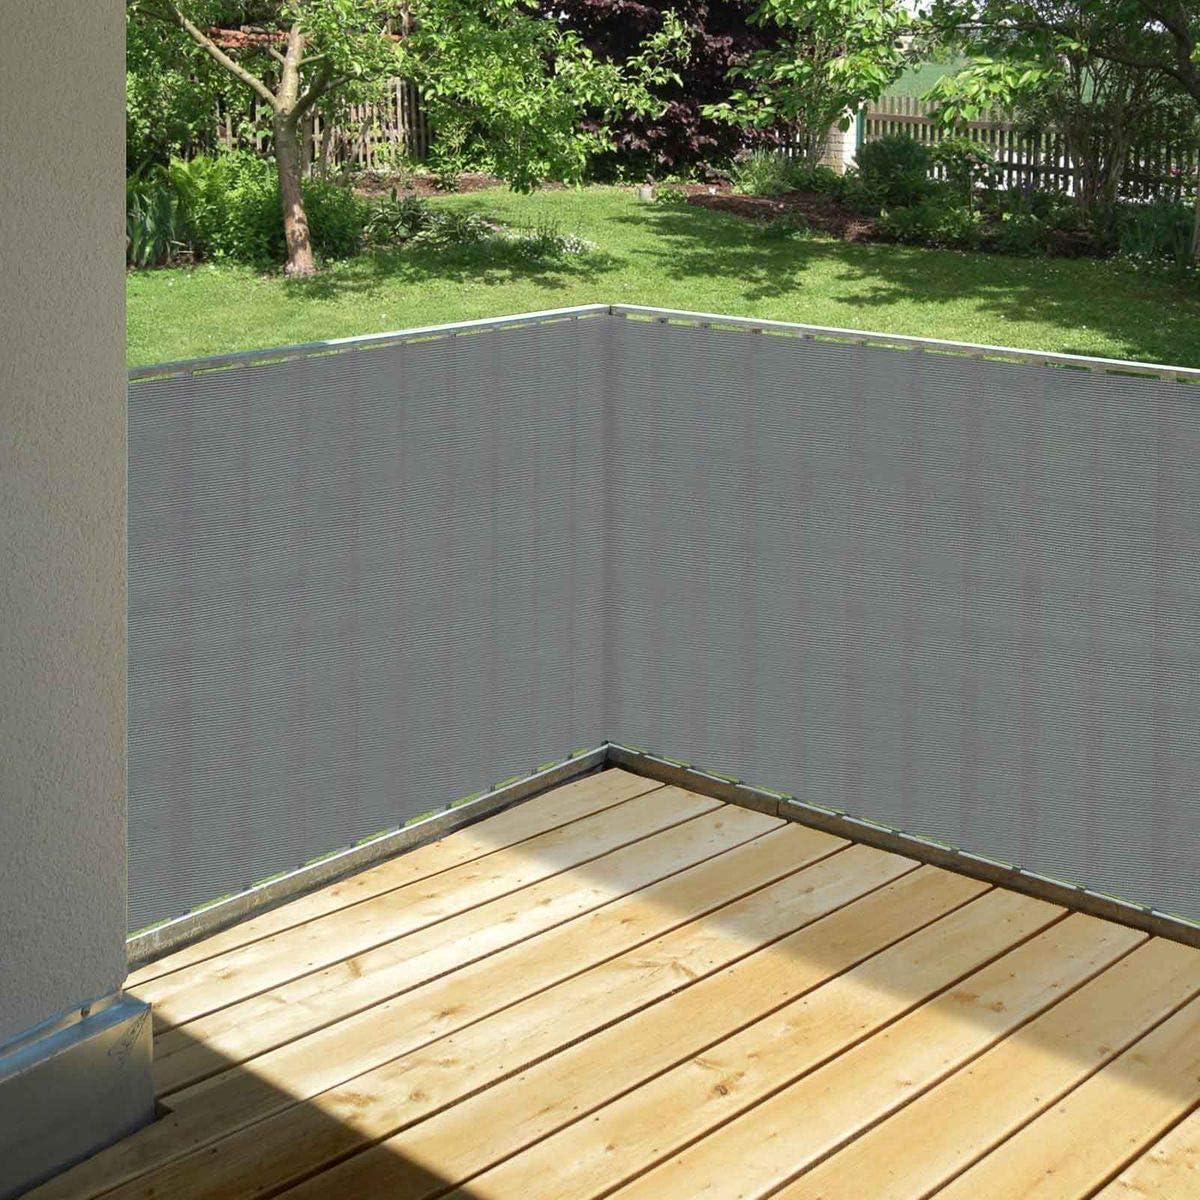 Balkonsichtschutz grau 20 x 20 cm aus HDPE wetterfest & langlebig   Wind  und Sichtschutz für Balkon, Terrasse, Garten ohne bohren